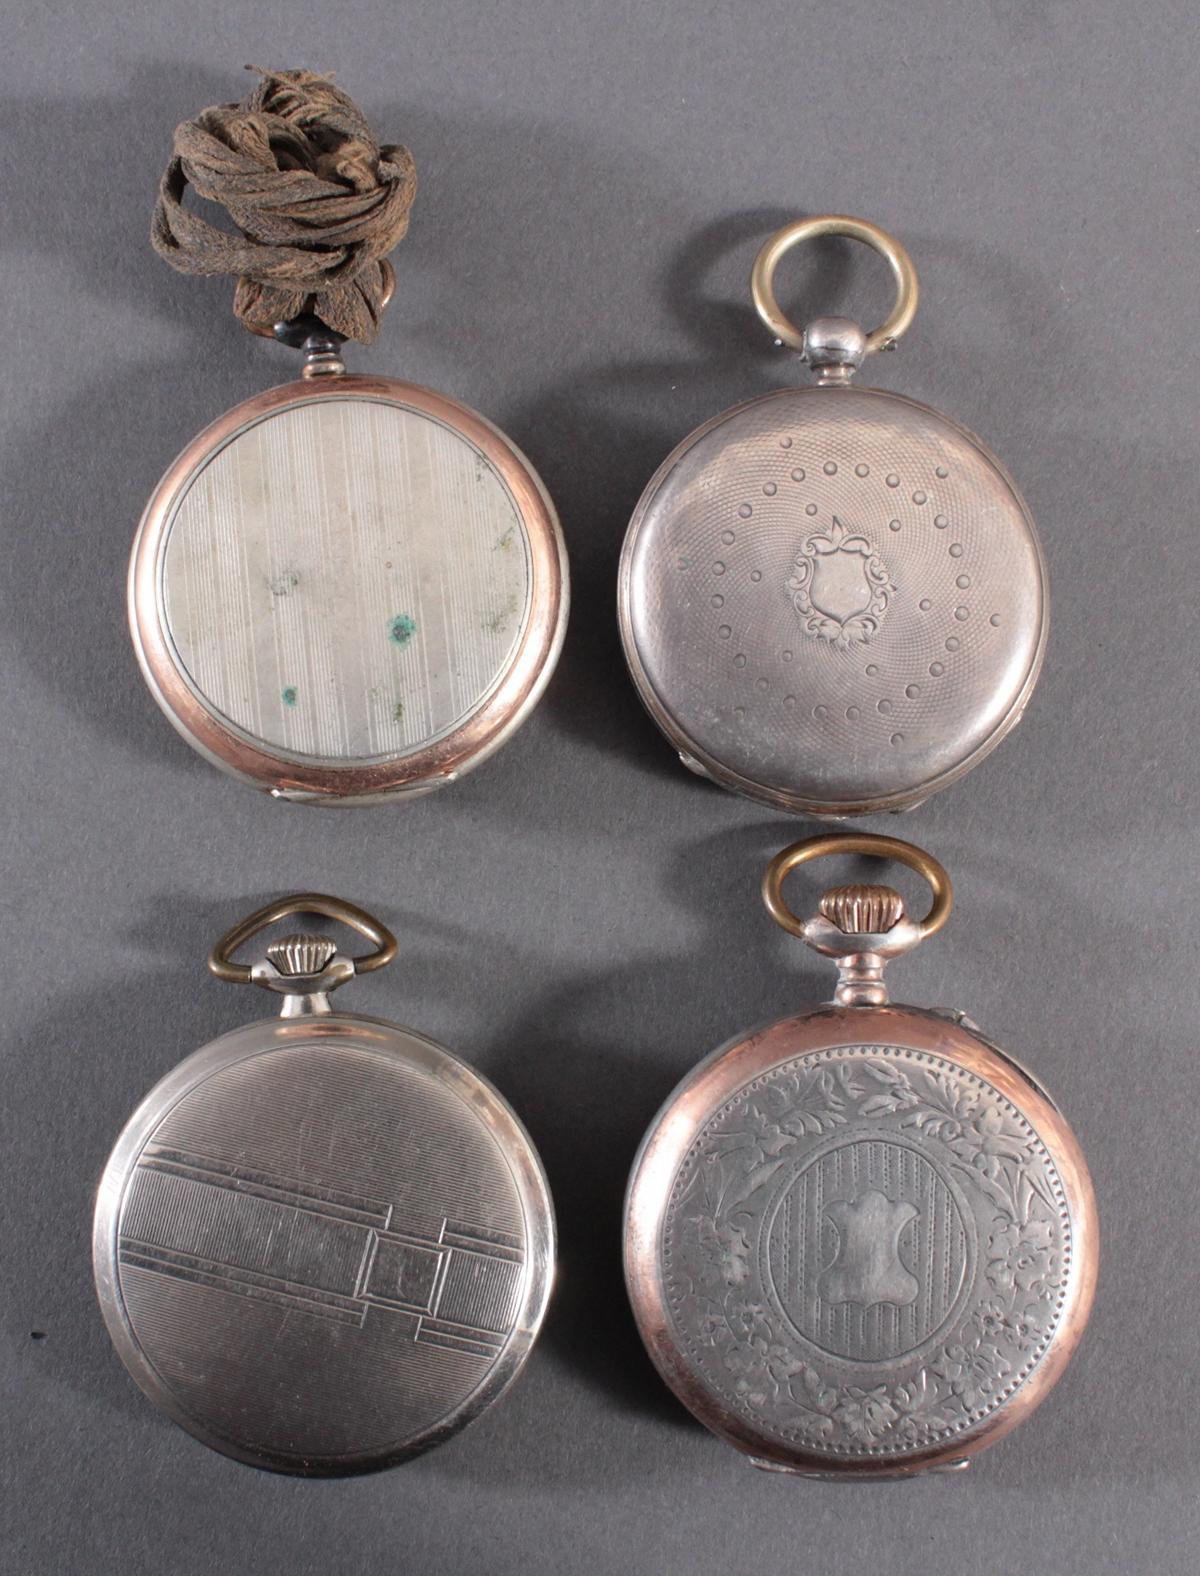 4 Taschenuhren davon 1 aus Silber-4